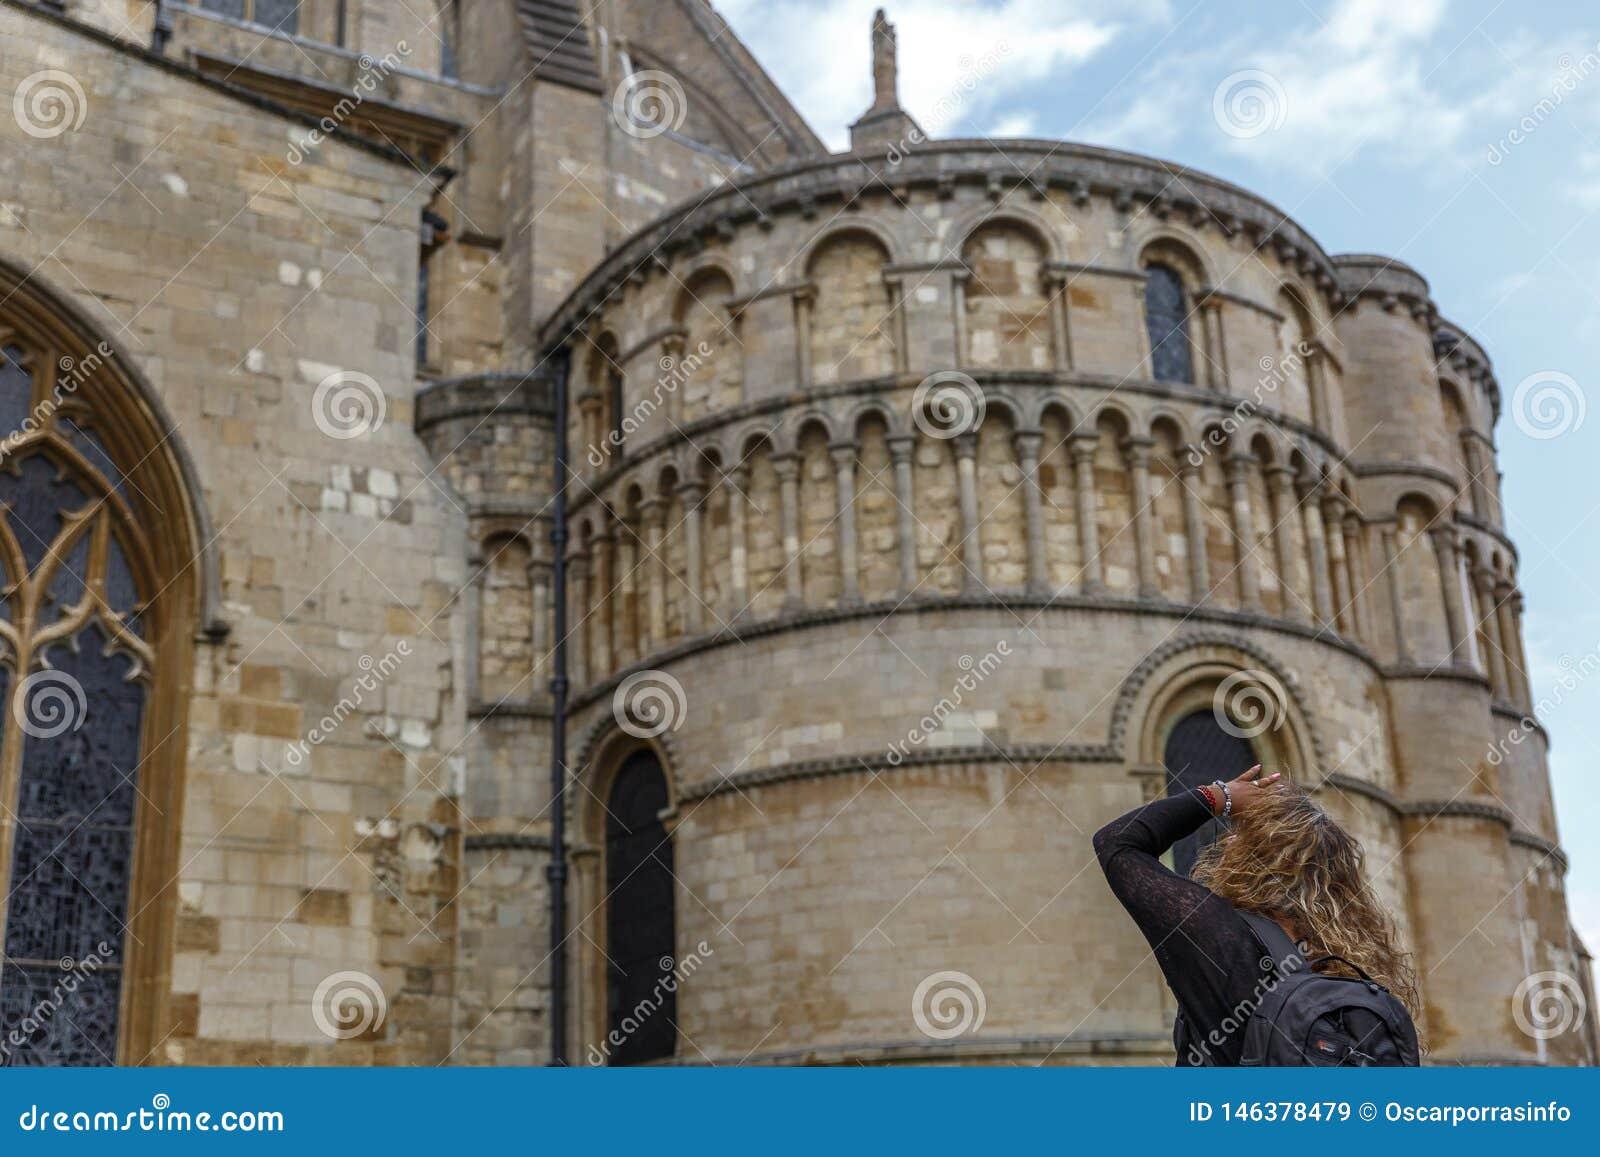 Un touriste observe soigneusement la façade d une partie de la cathédrale catholique de style médiéval dans la ville de Norwich